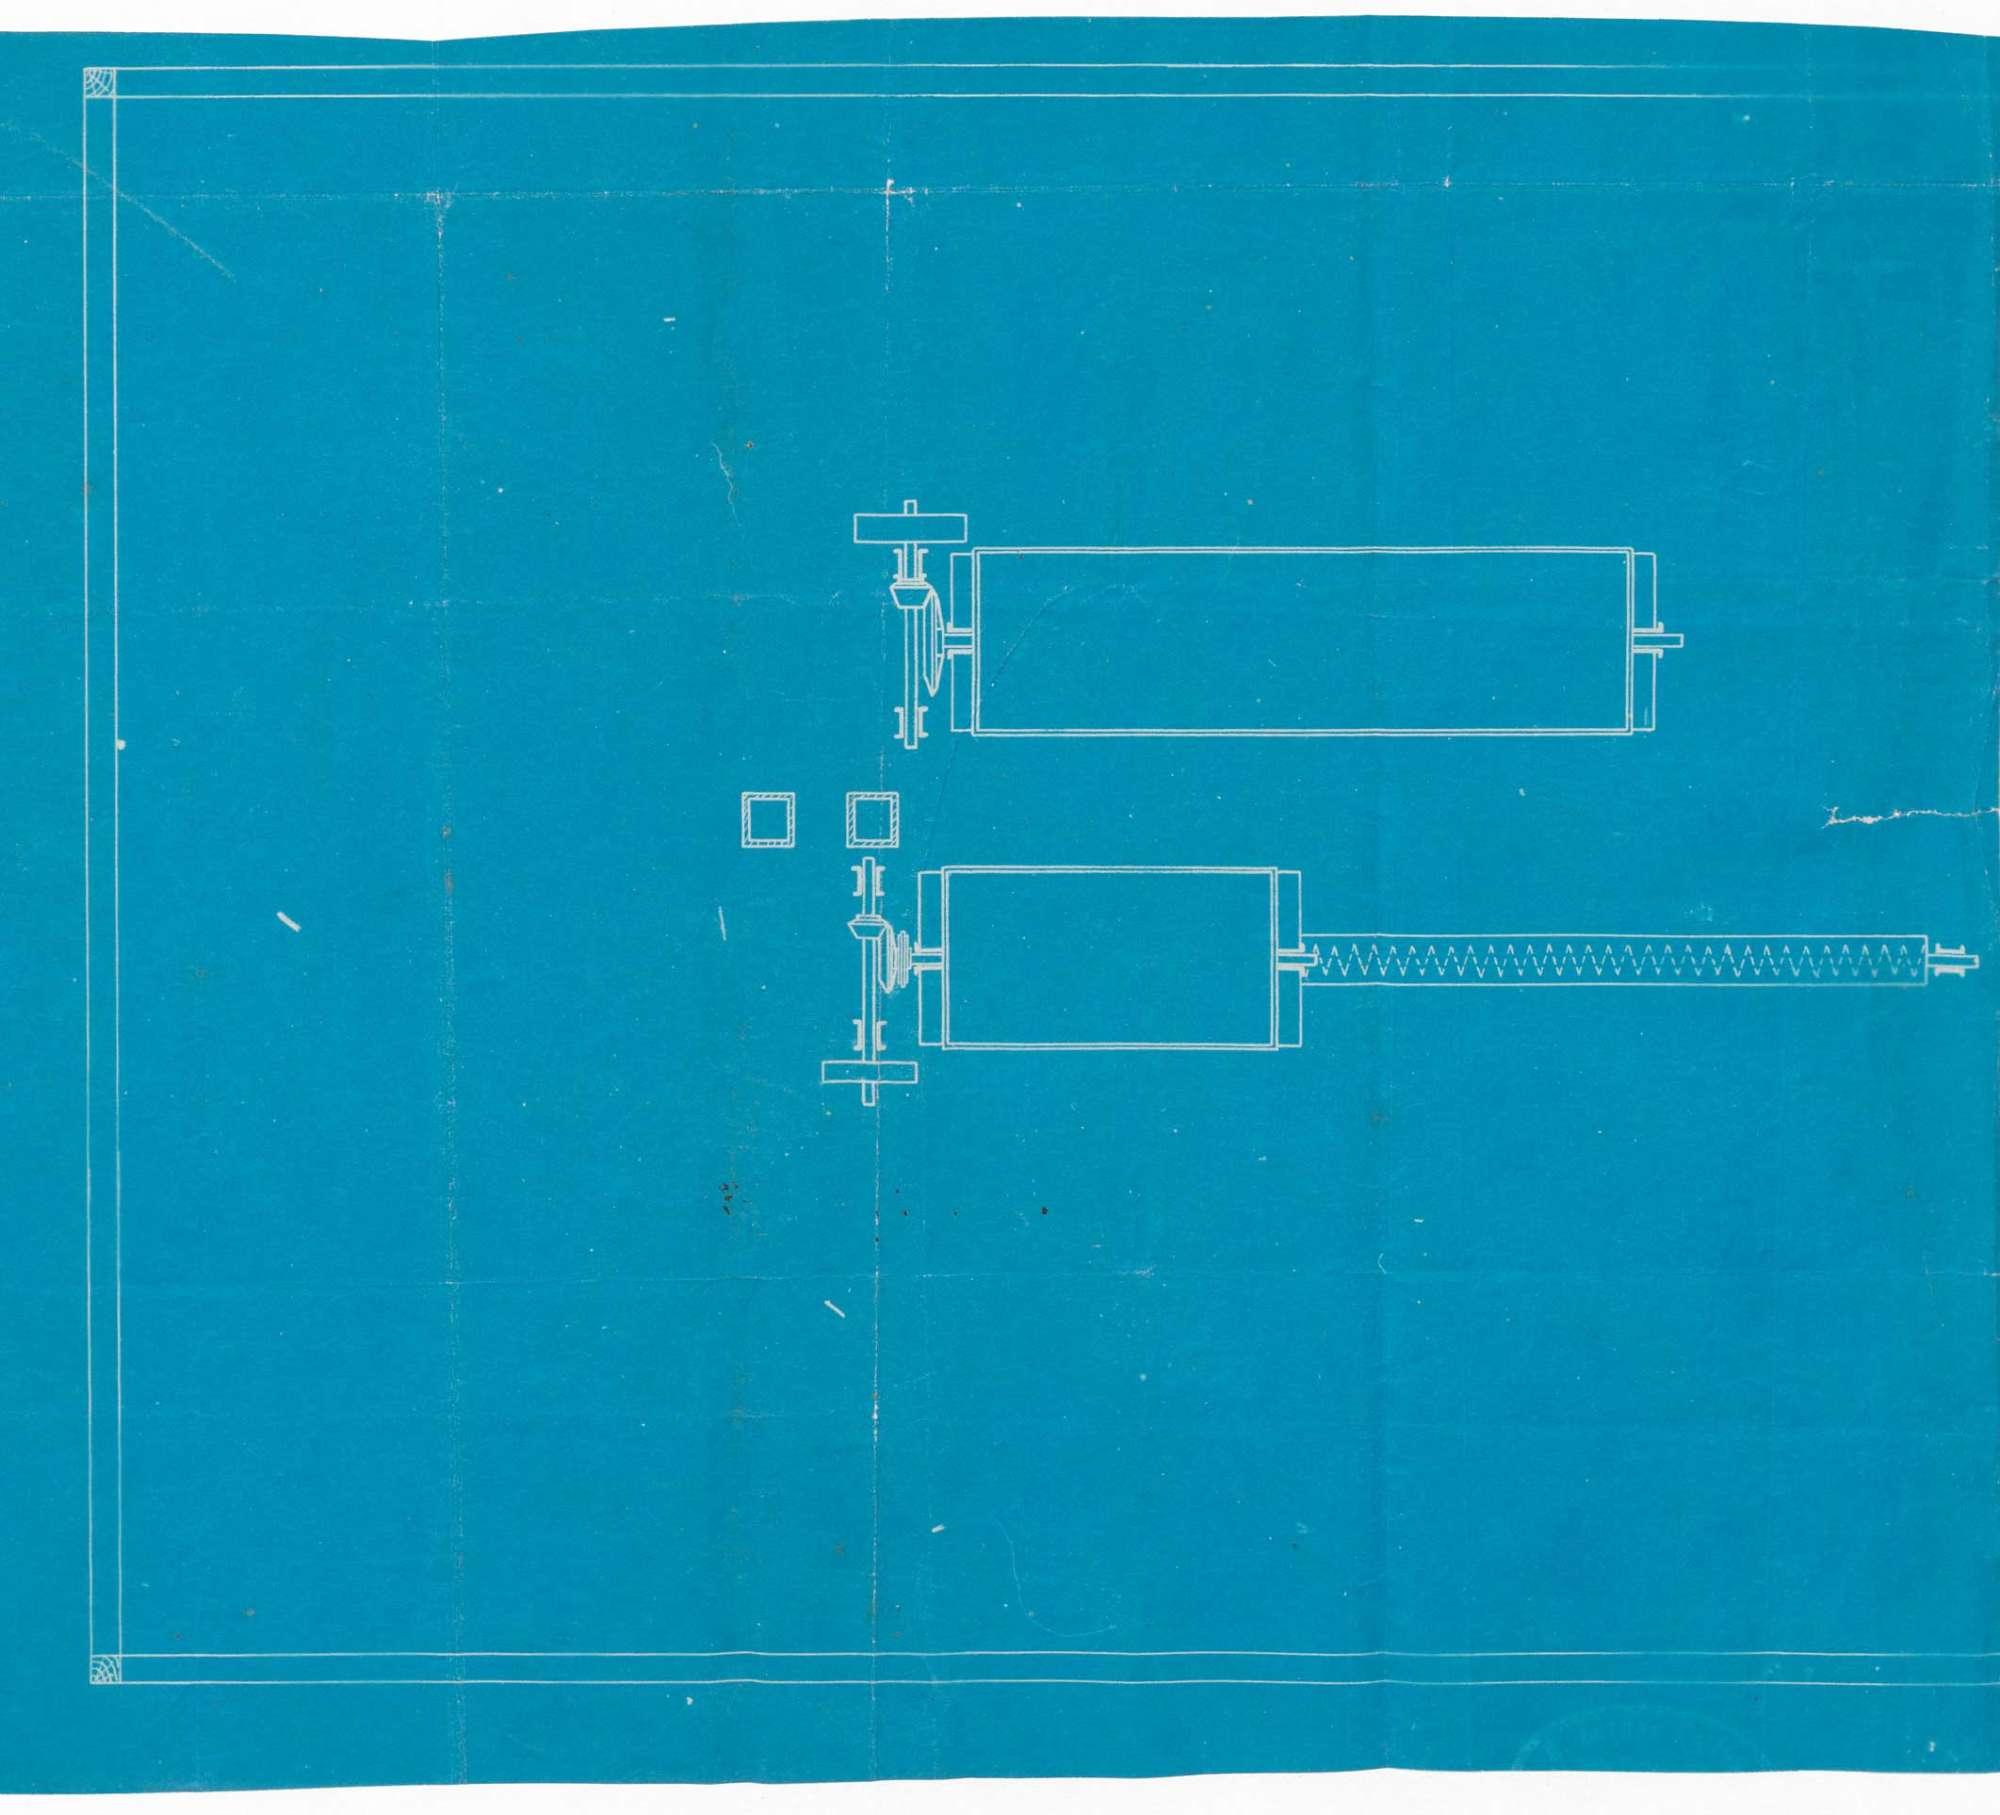 Errichtung einer mechanischen Kalkzerkleinerungsanlage-Kalkmüllerei und Terrazzomahlanlage durch die Kalkwerke Schlatterer & Hoyer, Kleinkems, Bild 2